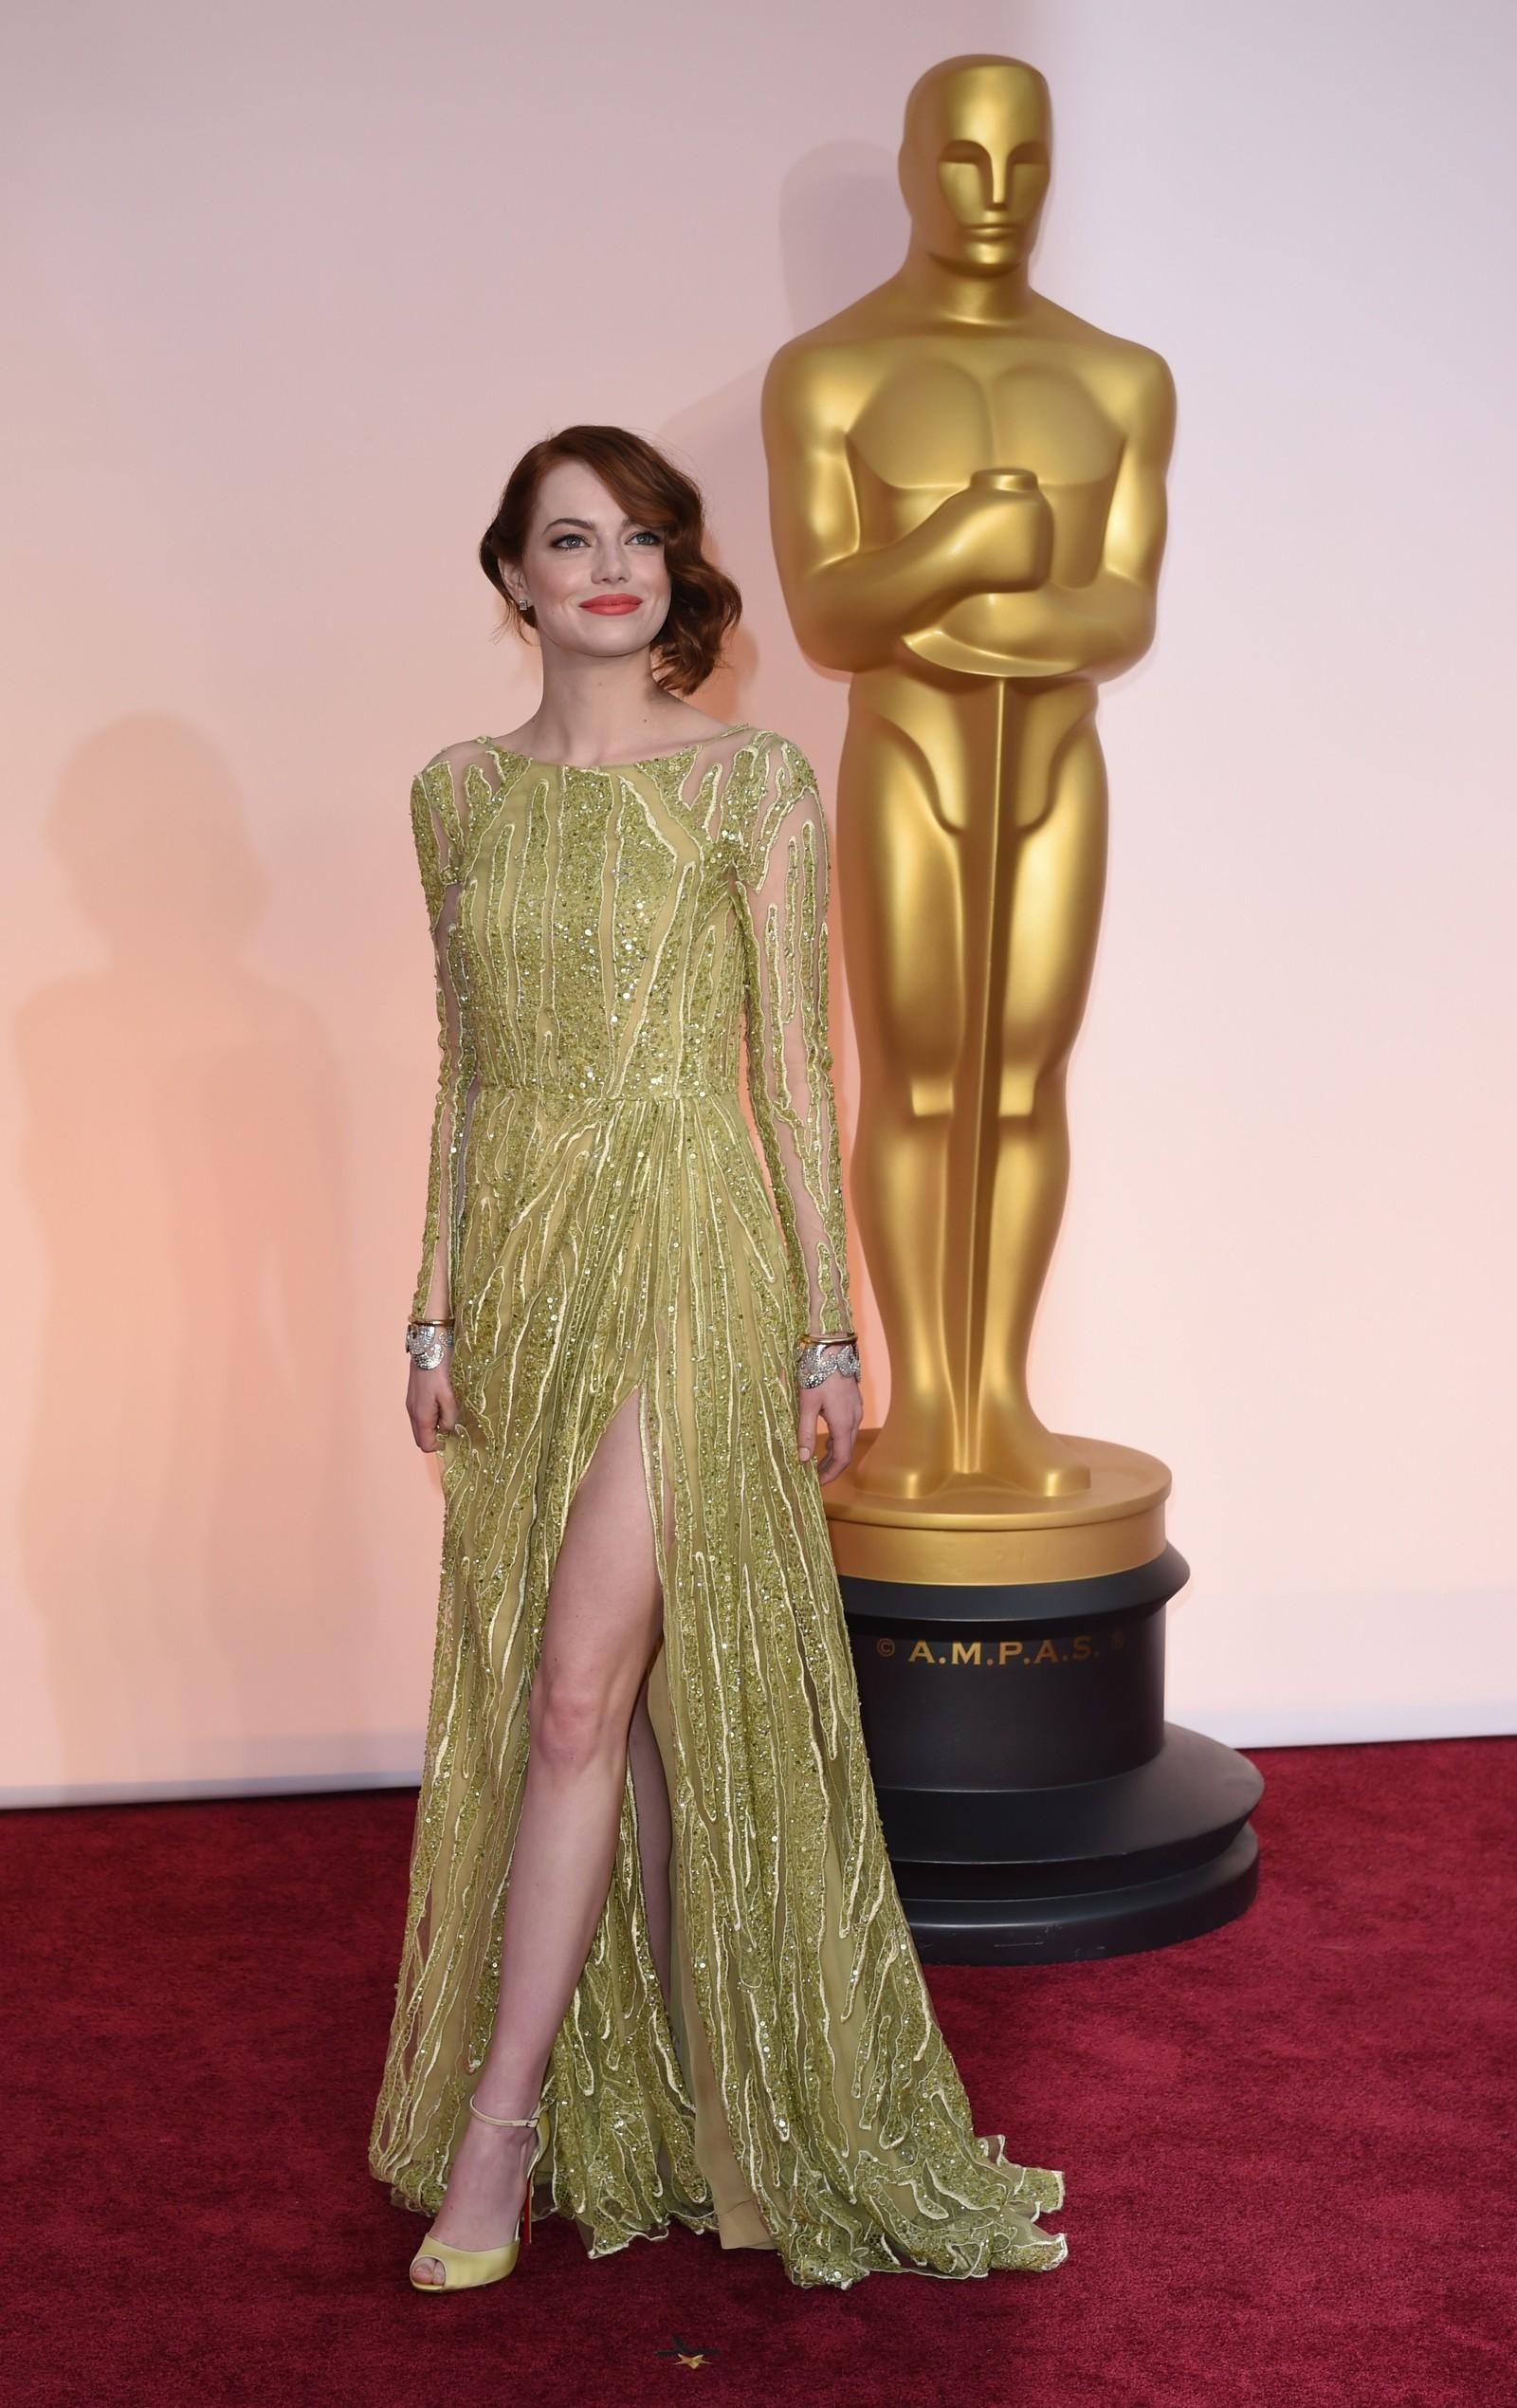 NUMMER FEM: Emma Stone hadde den fineste glitterkjolen, mener NRKs ekspert om antrekket fra Elie Saab.